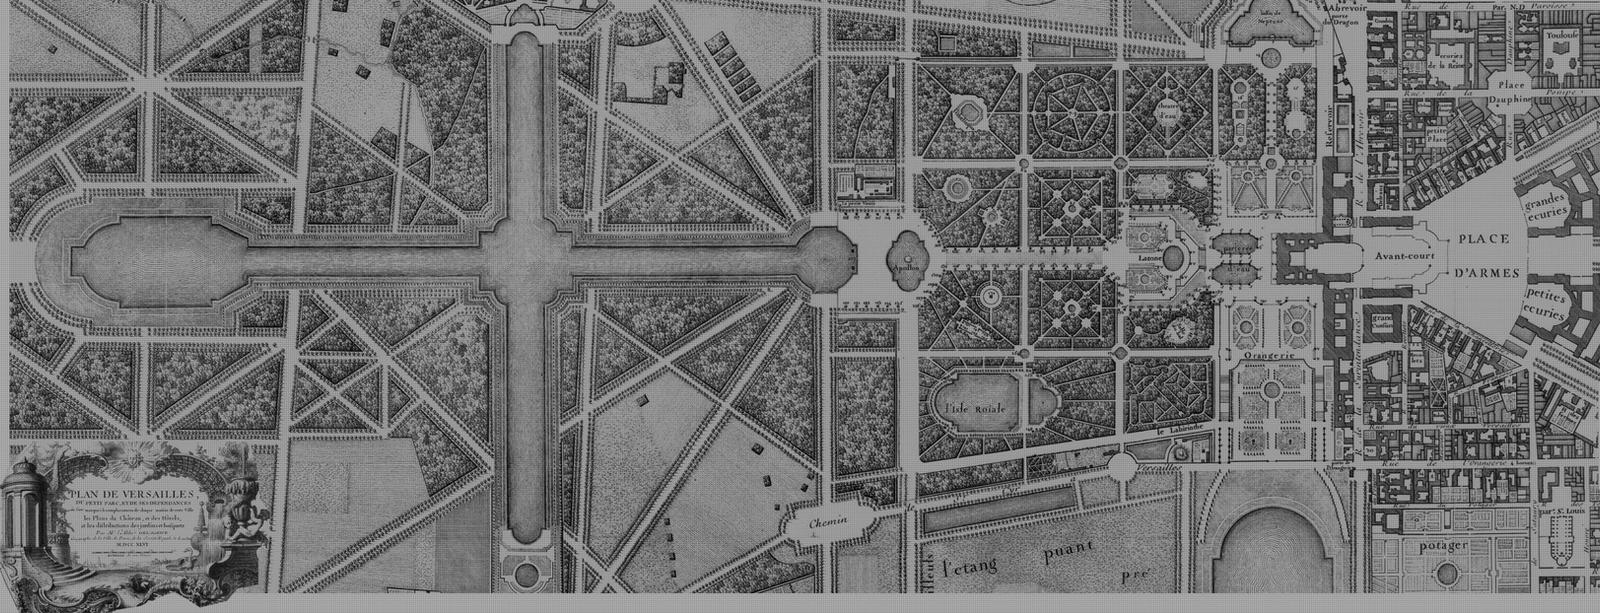 Versailles grid